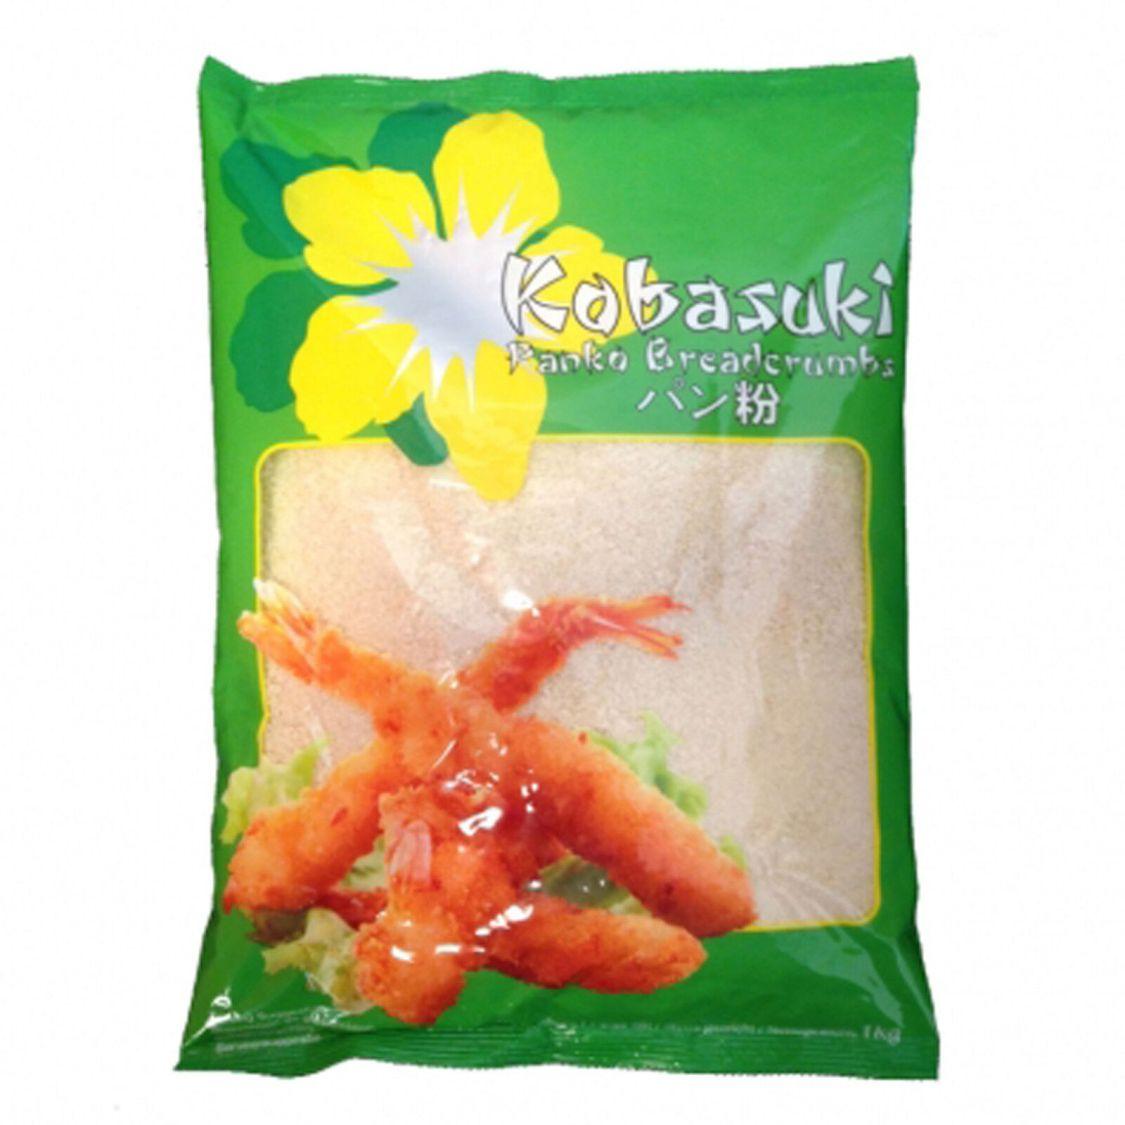 Kobasuki Paniermehl, 1er Pack (1 kg) Panko Tempura Pankomehl Panade Brotkrumen